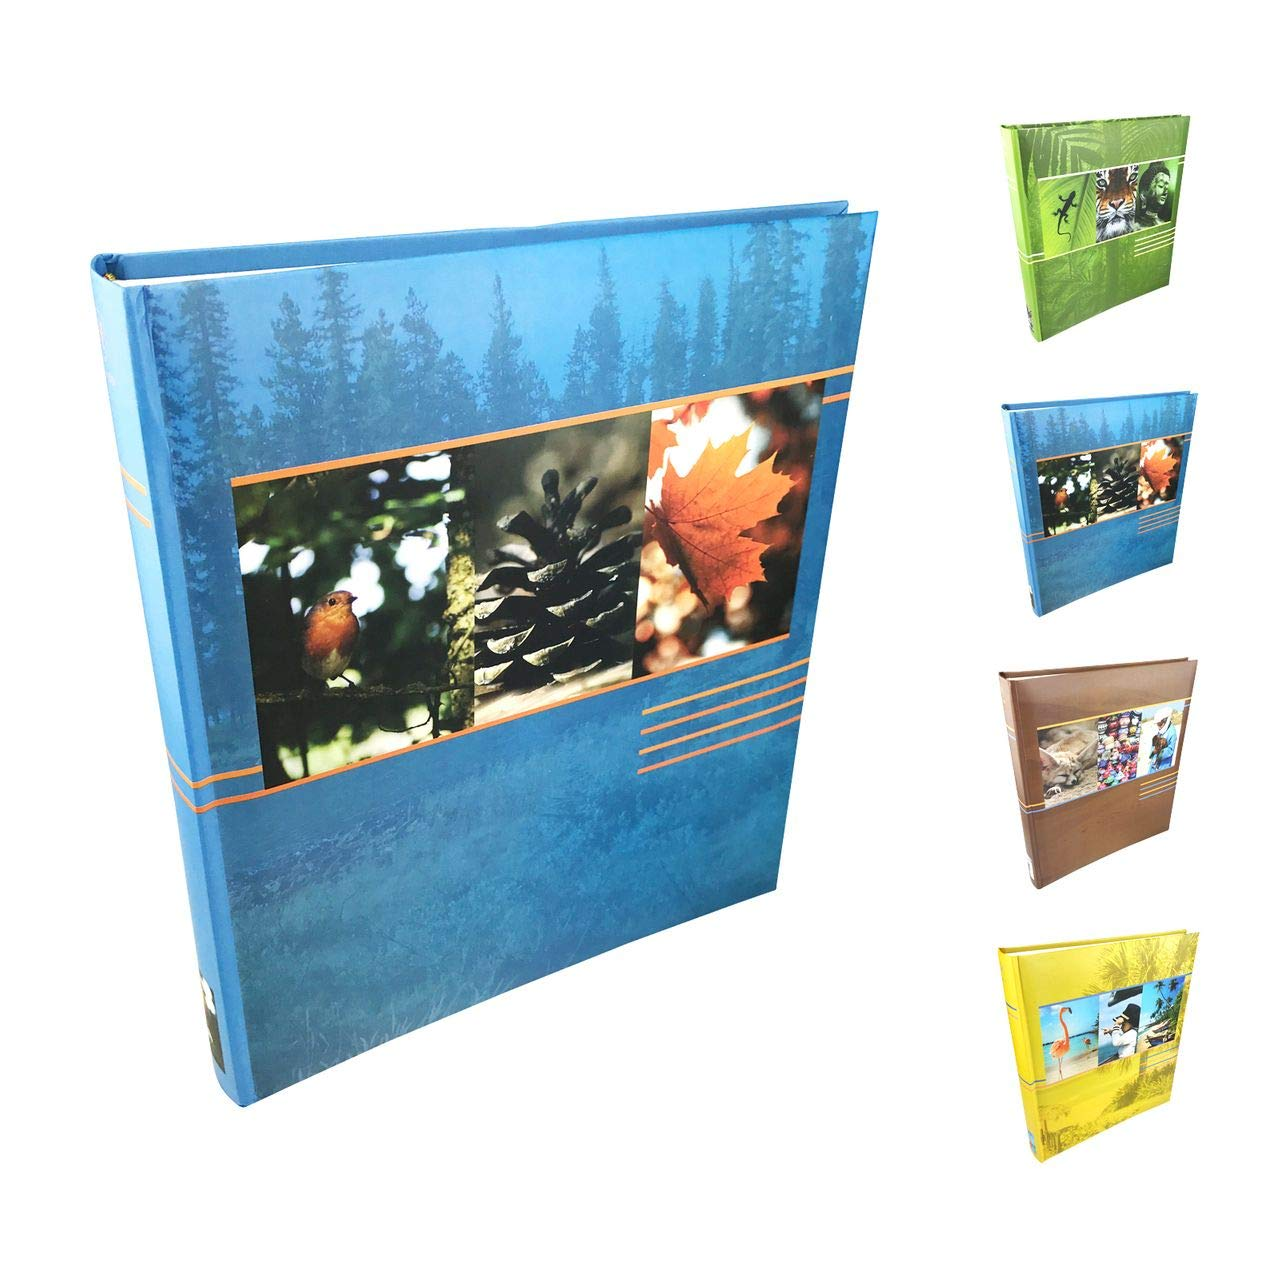 Henzo Album photo Earth–pour jusqu'à 500photos 10x 15, Album de qualité gebundenes, 33x 29x 5cm (hauteur), 100pages blanches–Vert, bleu, marron ou jaune au choix quantio